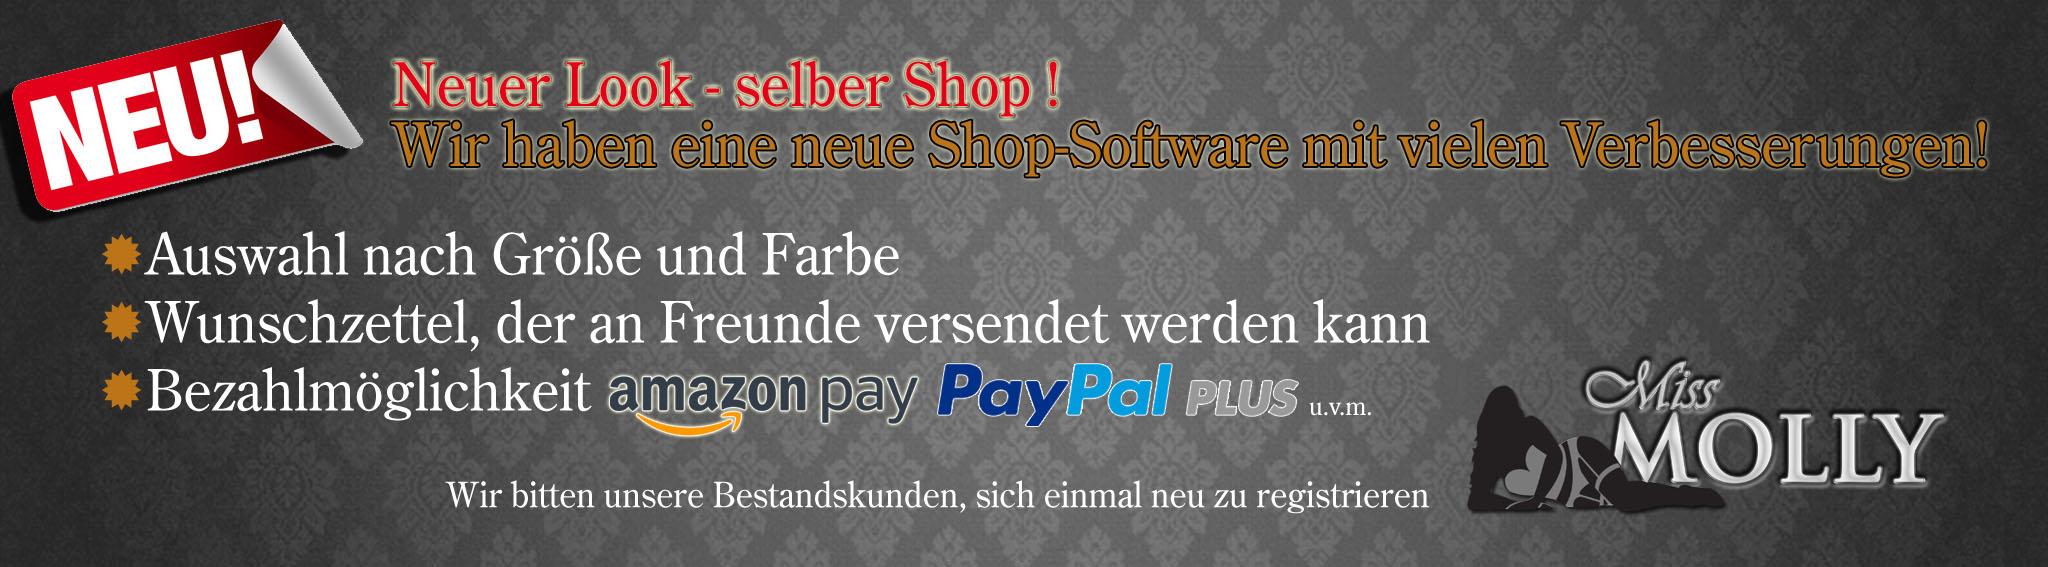 Neuer Look - selber Shop